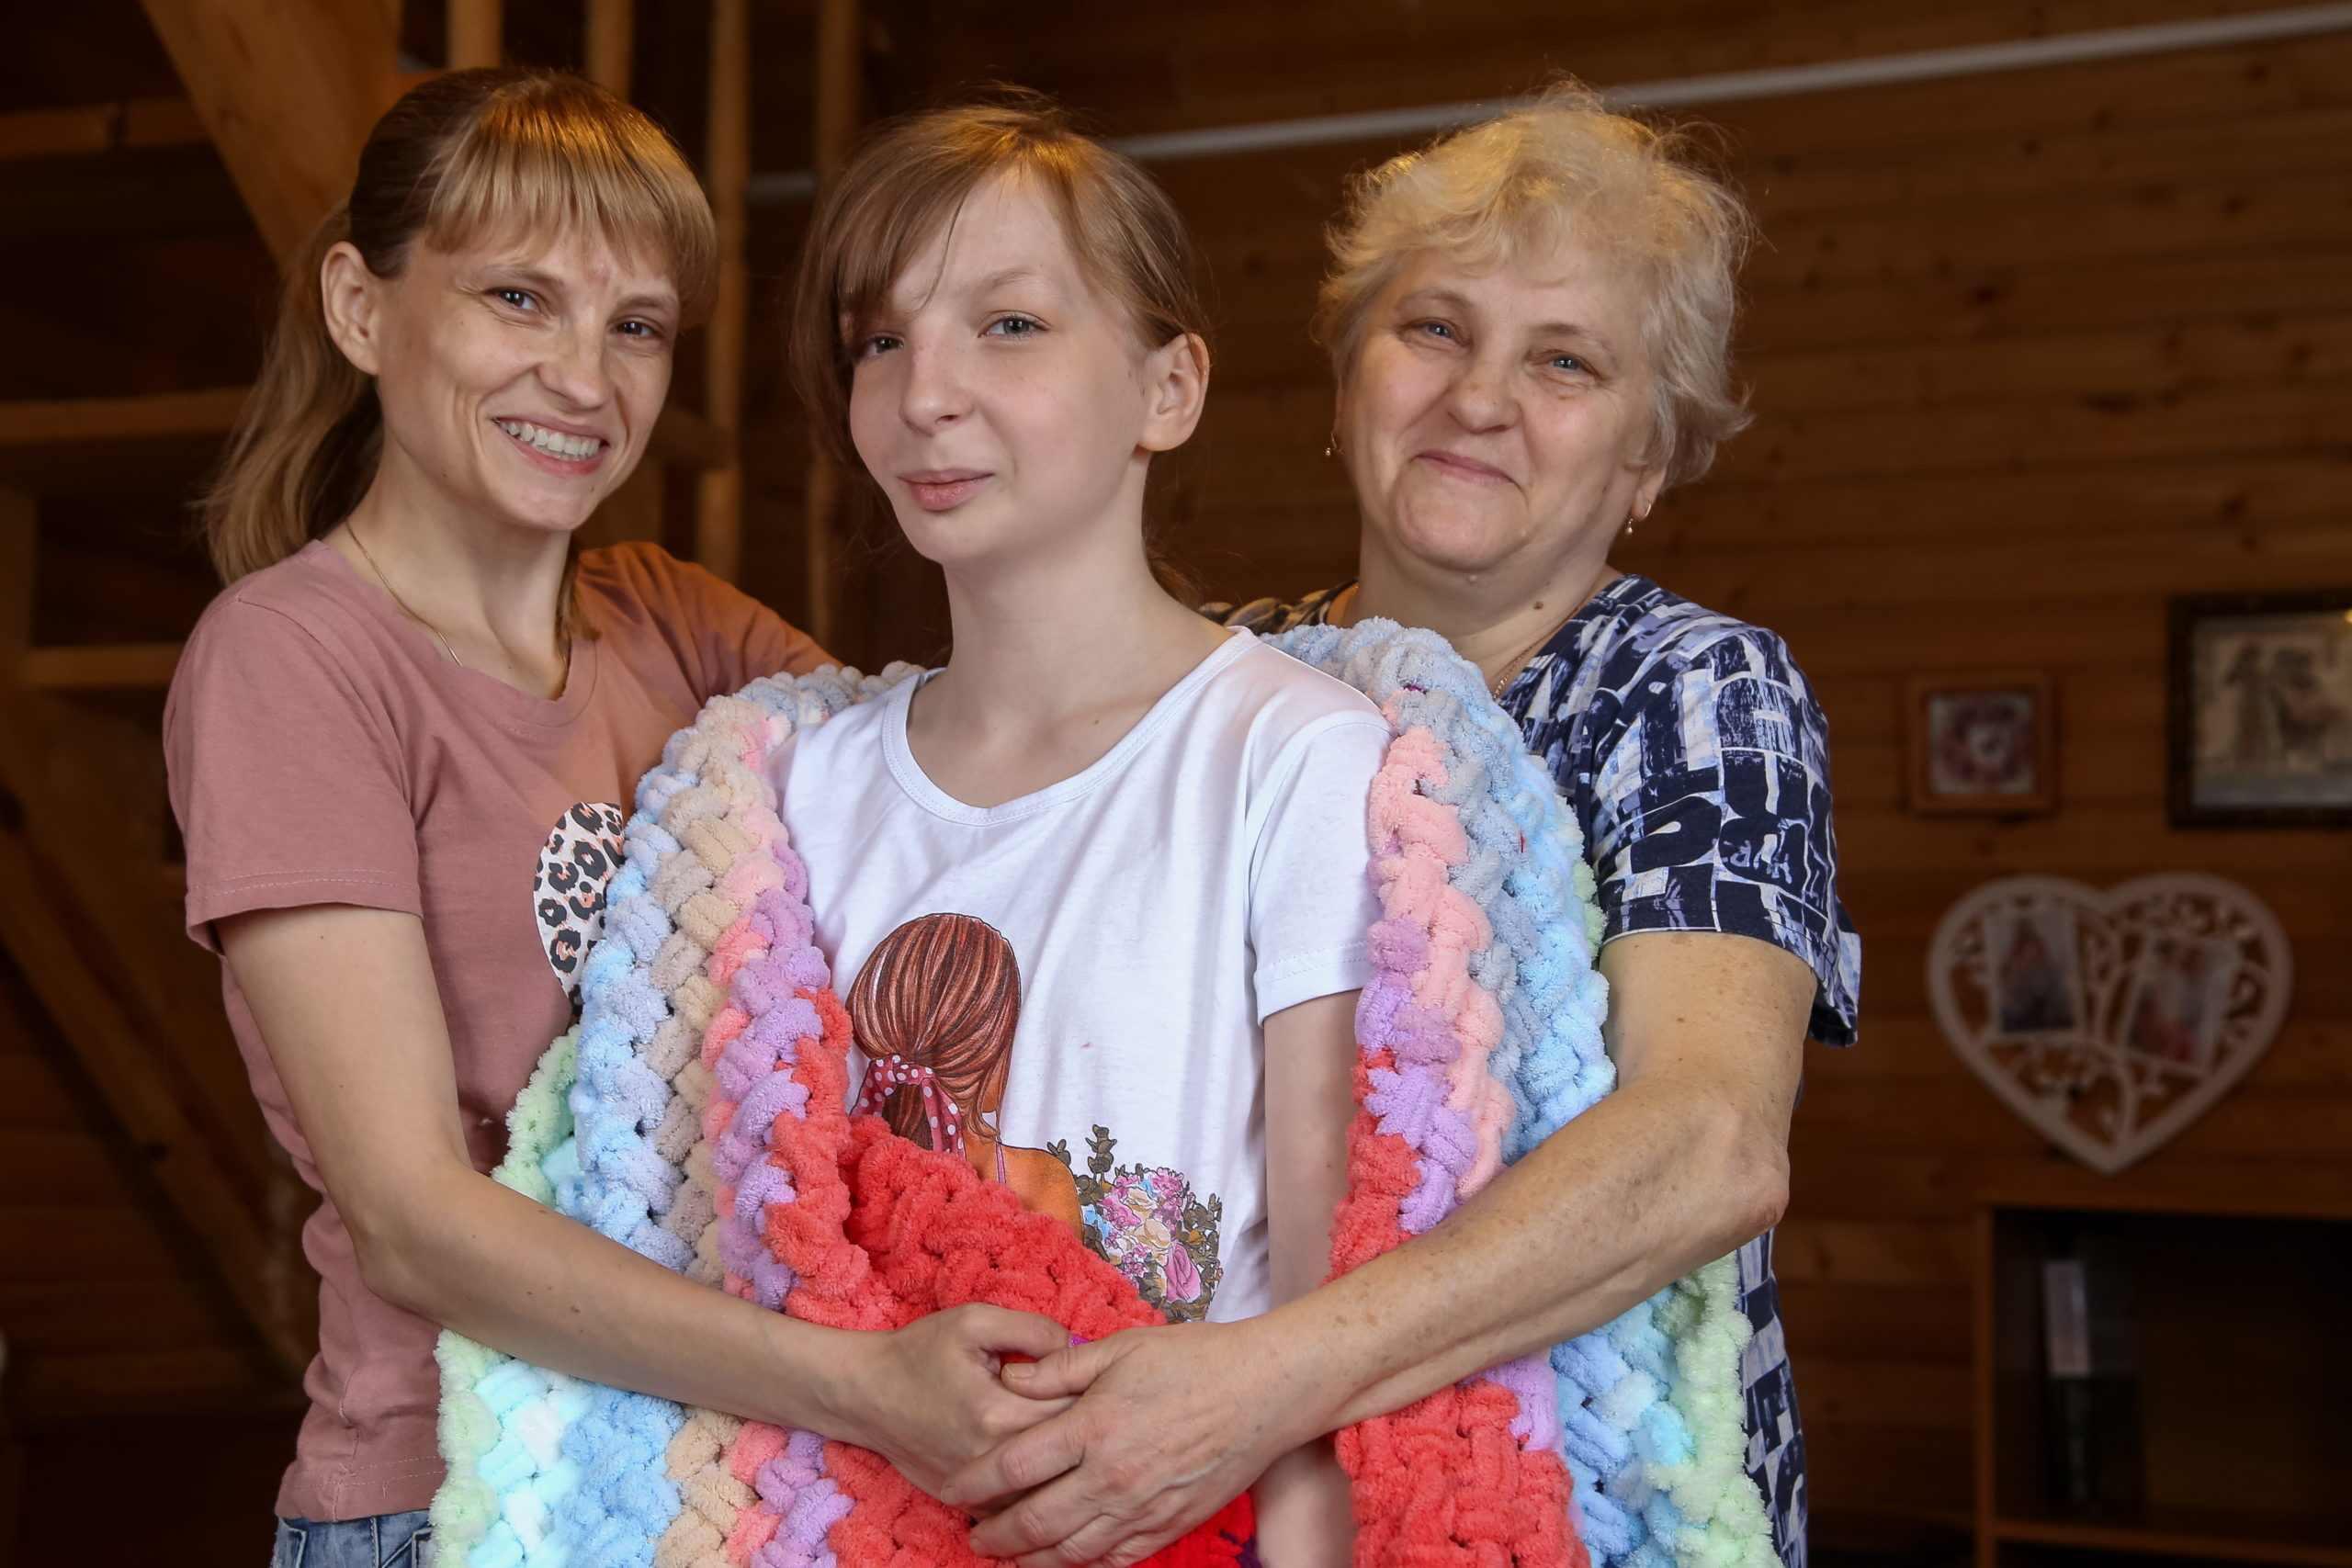 Двенадцатилетняя девочка из Новороссийска вяжет уютные пледы, чтобы заработать себе на лечение